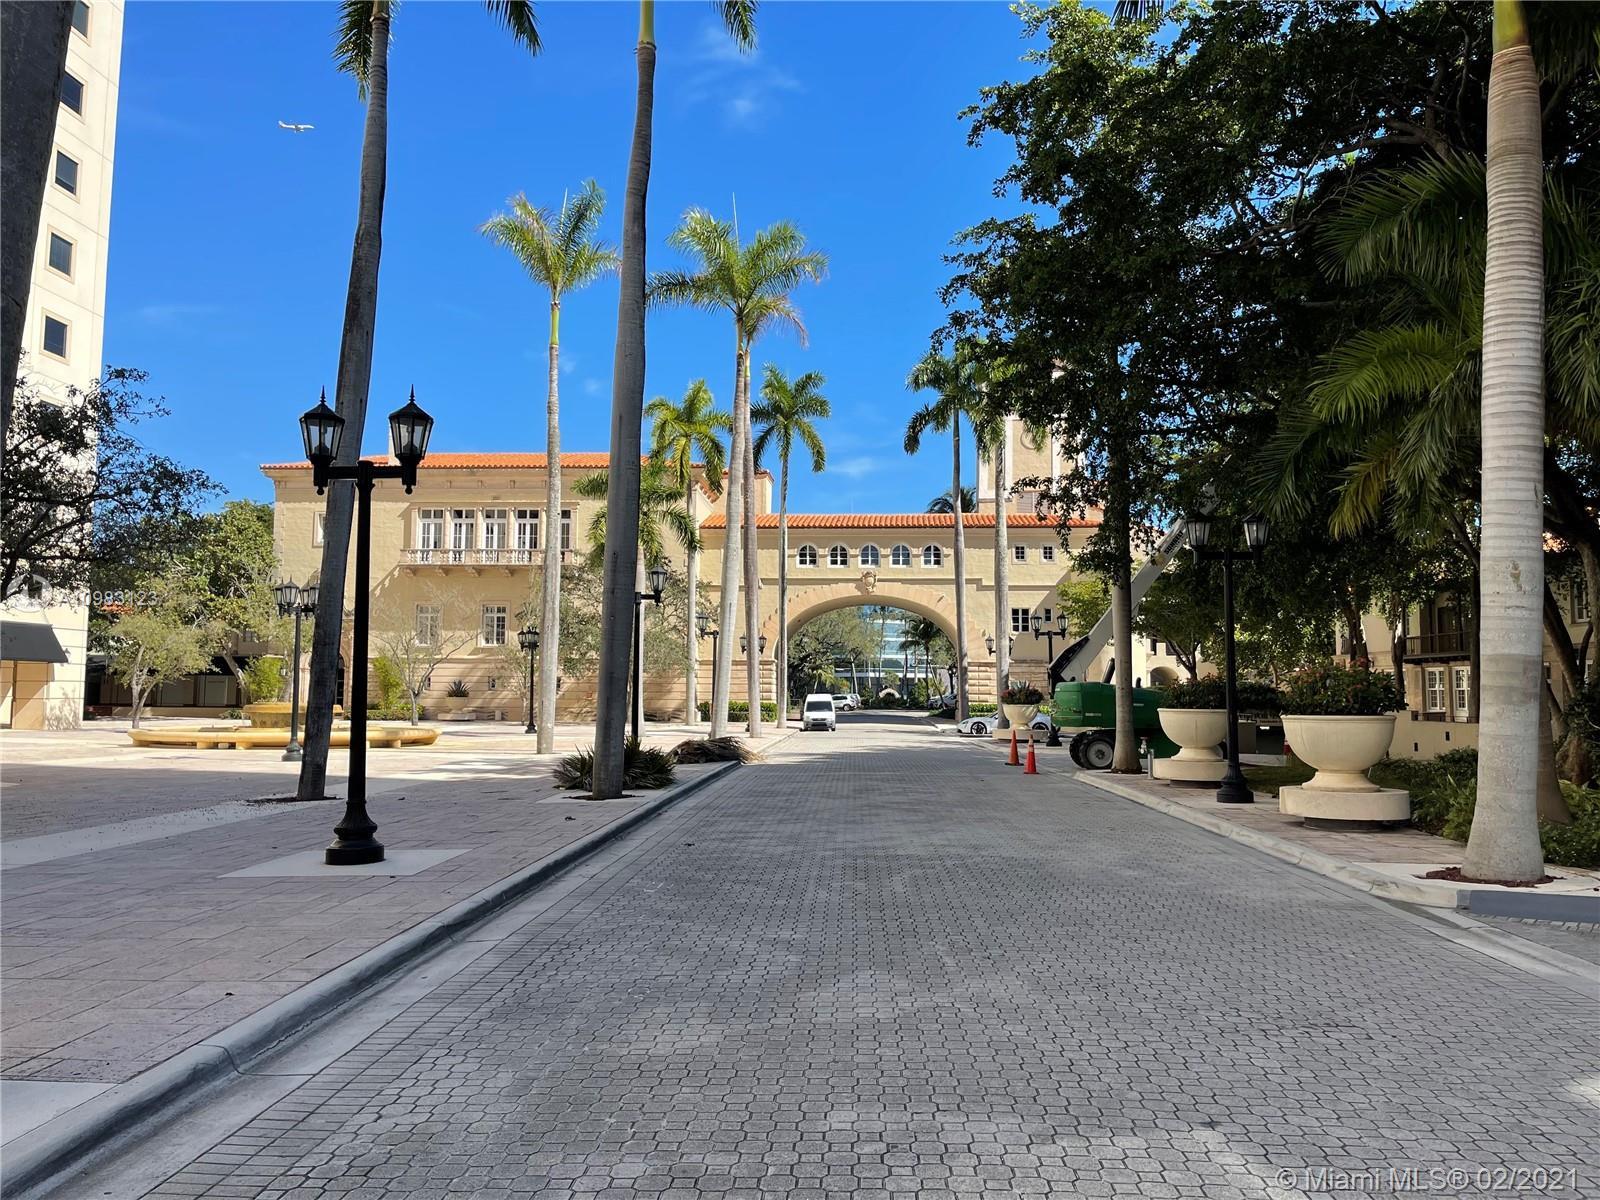 Puerta De Palmas #814 - 888 S Douglas Rd #814, Coral Gables, FL 33134